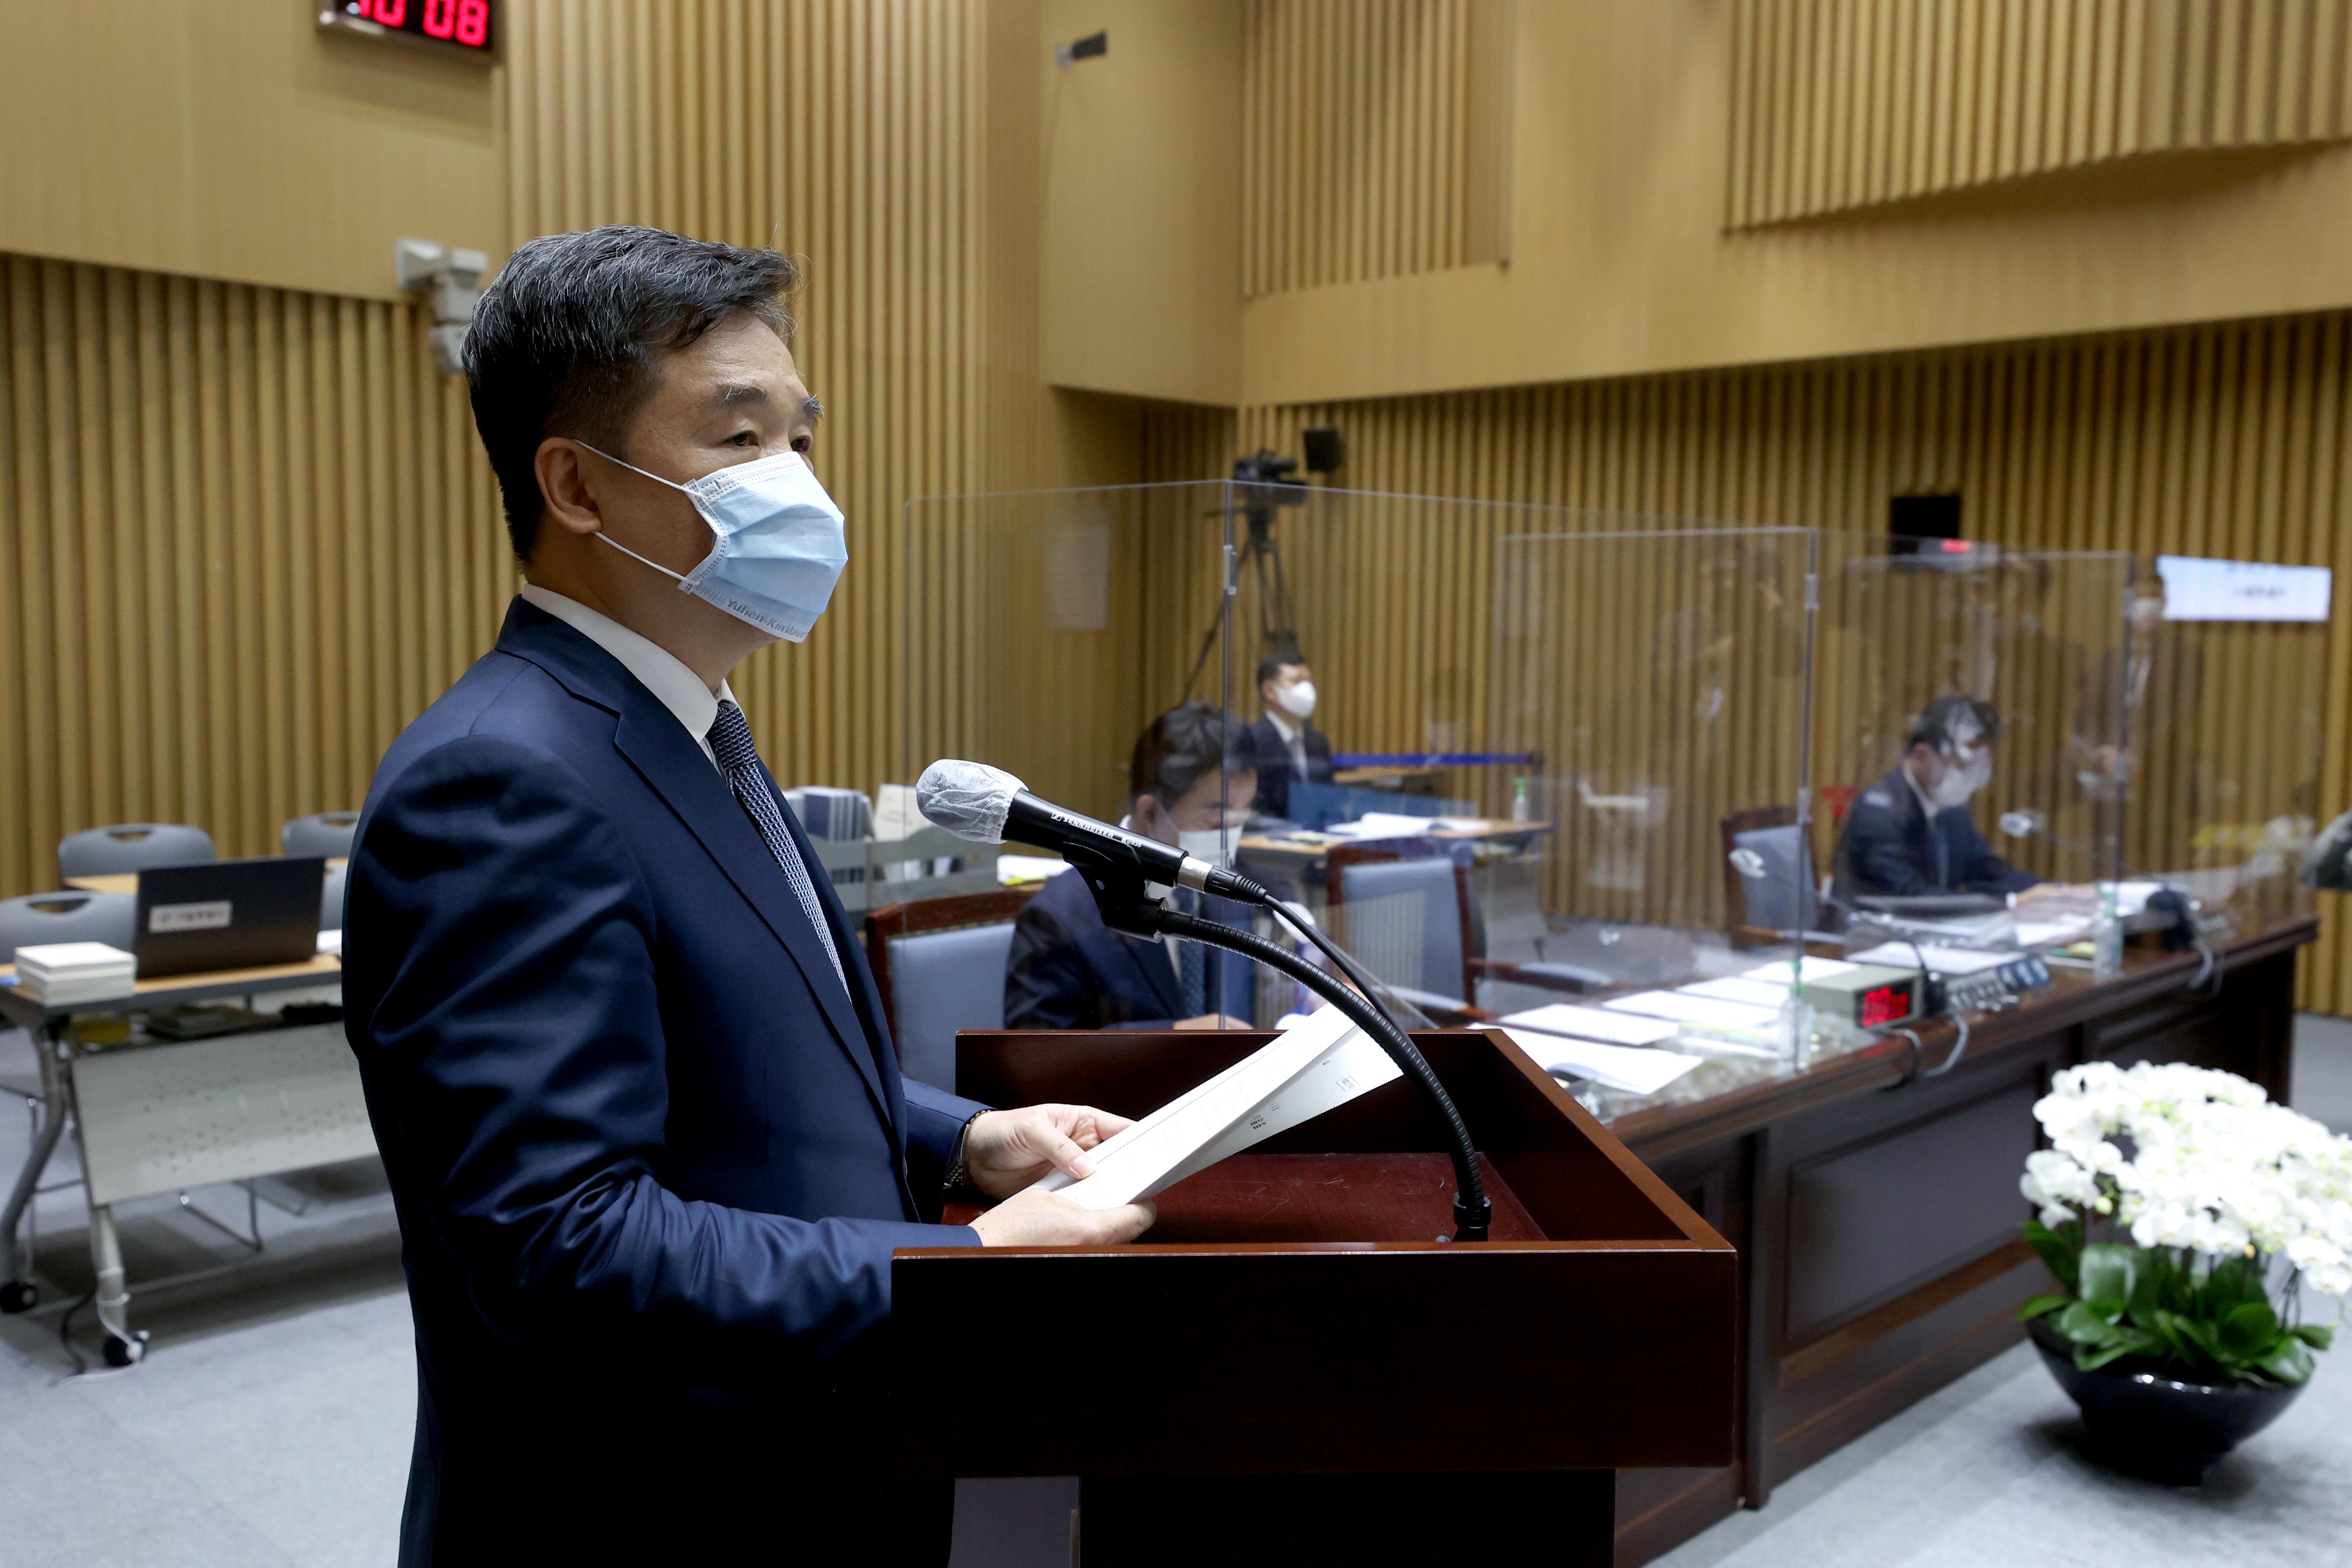 국정감사 출석한 서정협 서울시장 권한대행